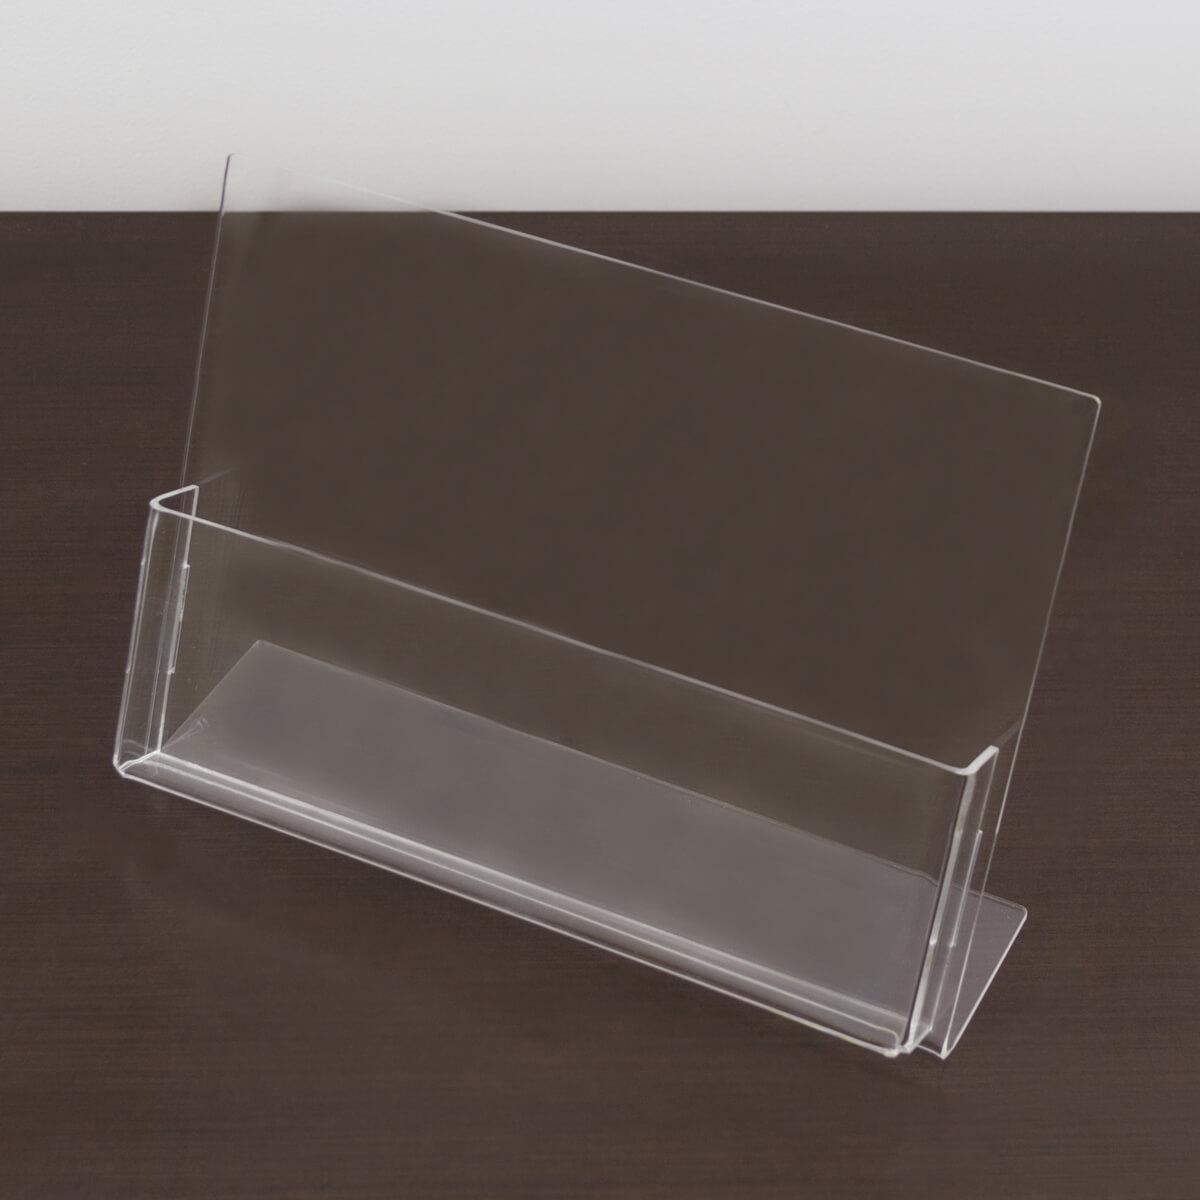 Porta folder A5 de acrílico na horizontal